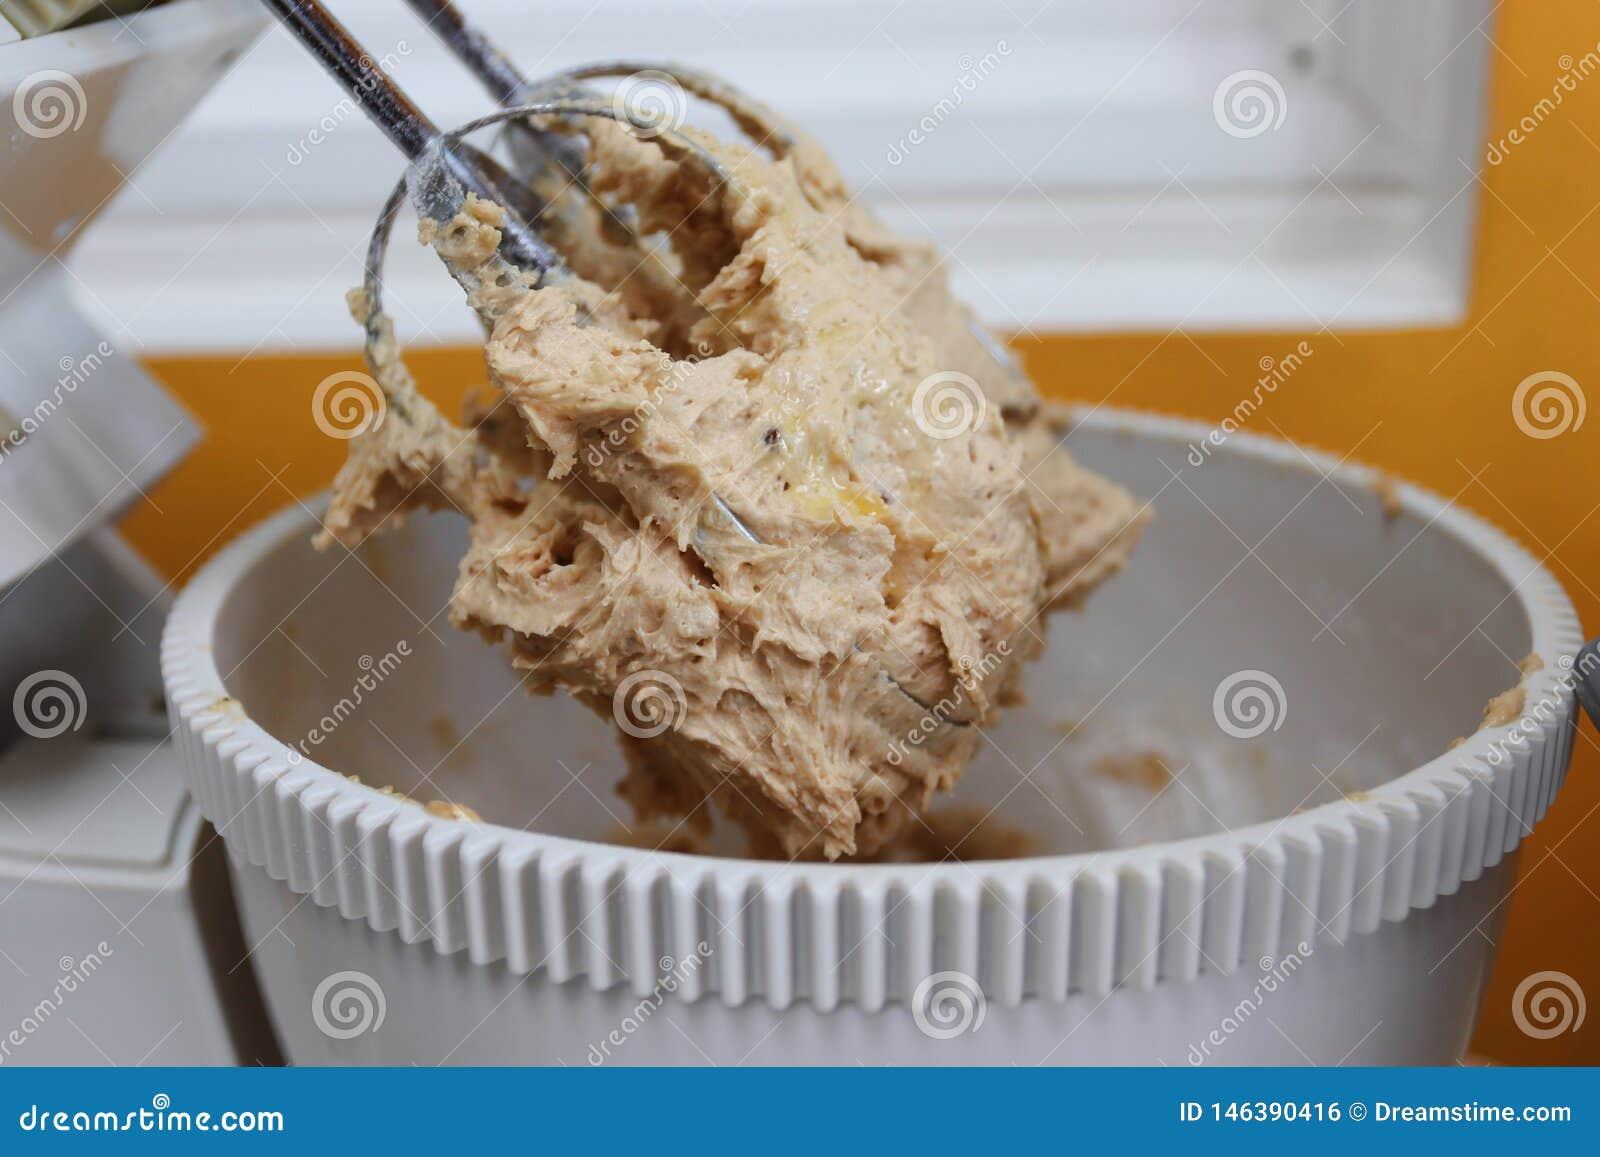 Uovo, farina e zucchero di miscelazione in ciotola con il miscelatore elettrico